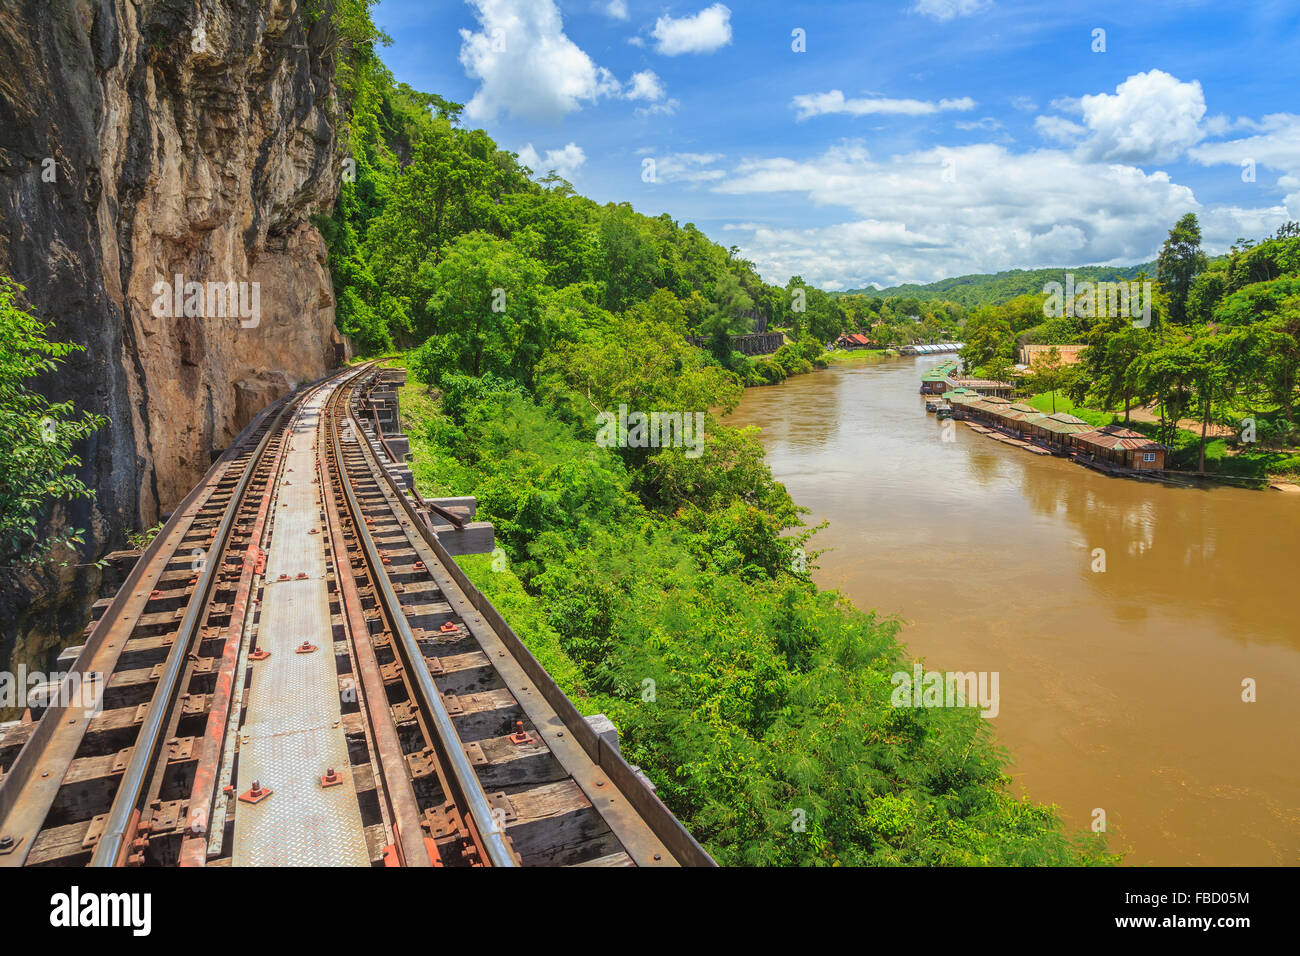 Vía railwat y río Kwai en Kanchanaburi Imagen De Stock